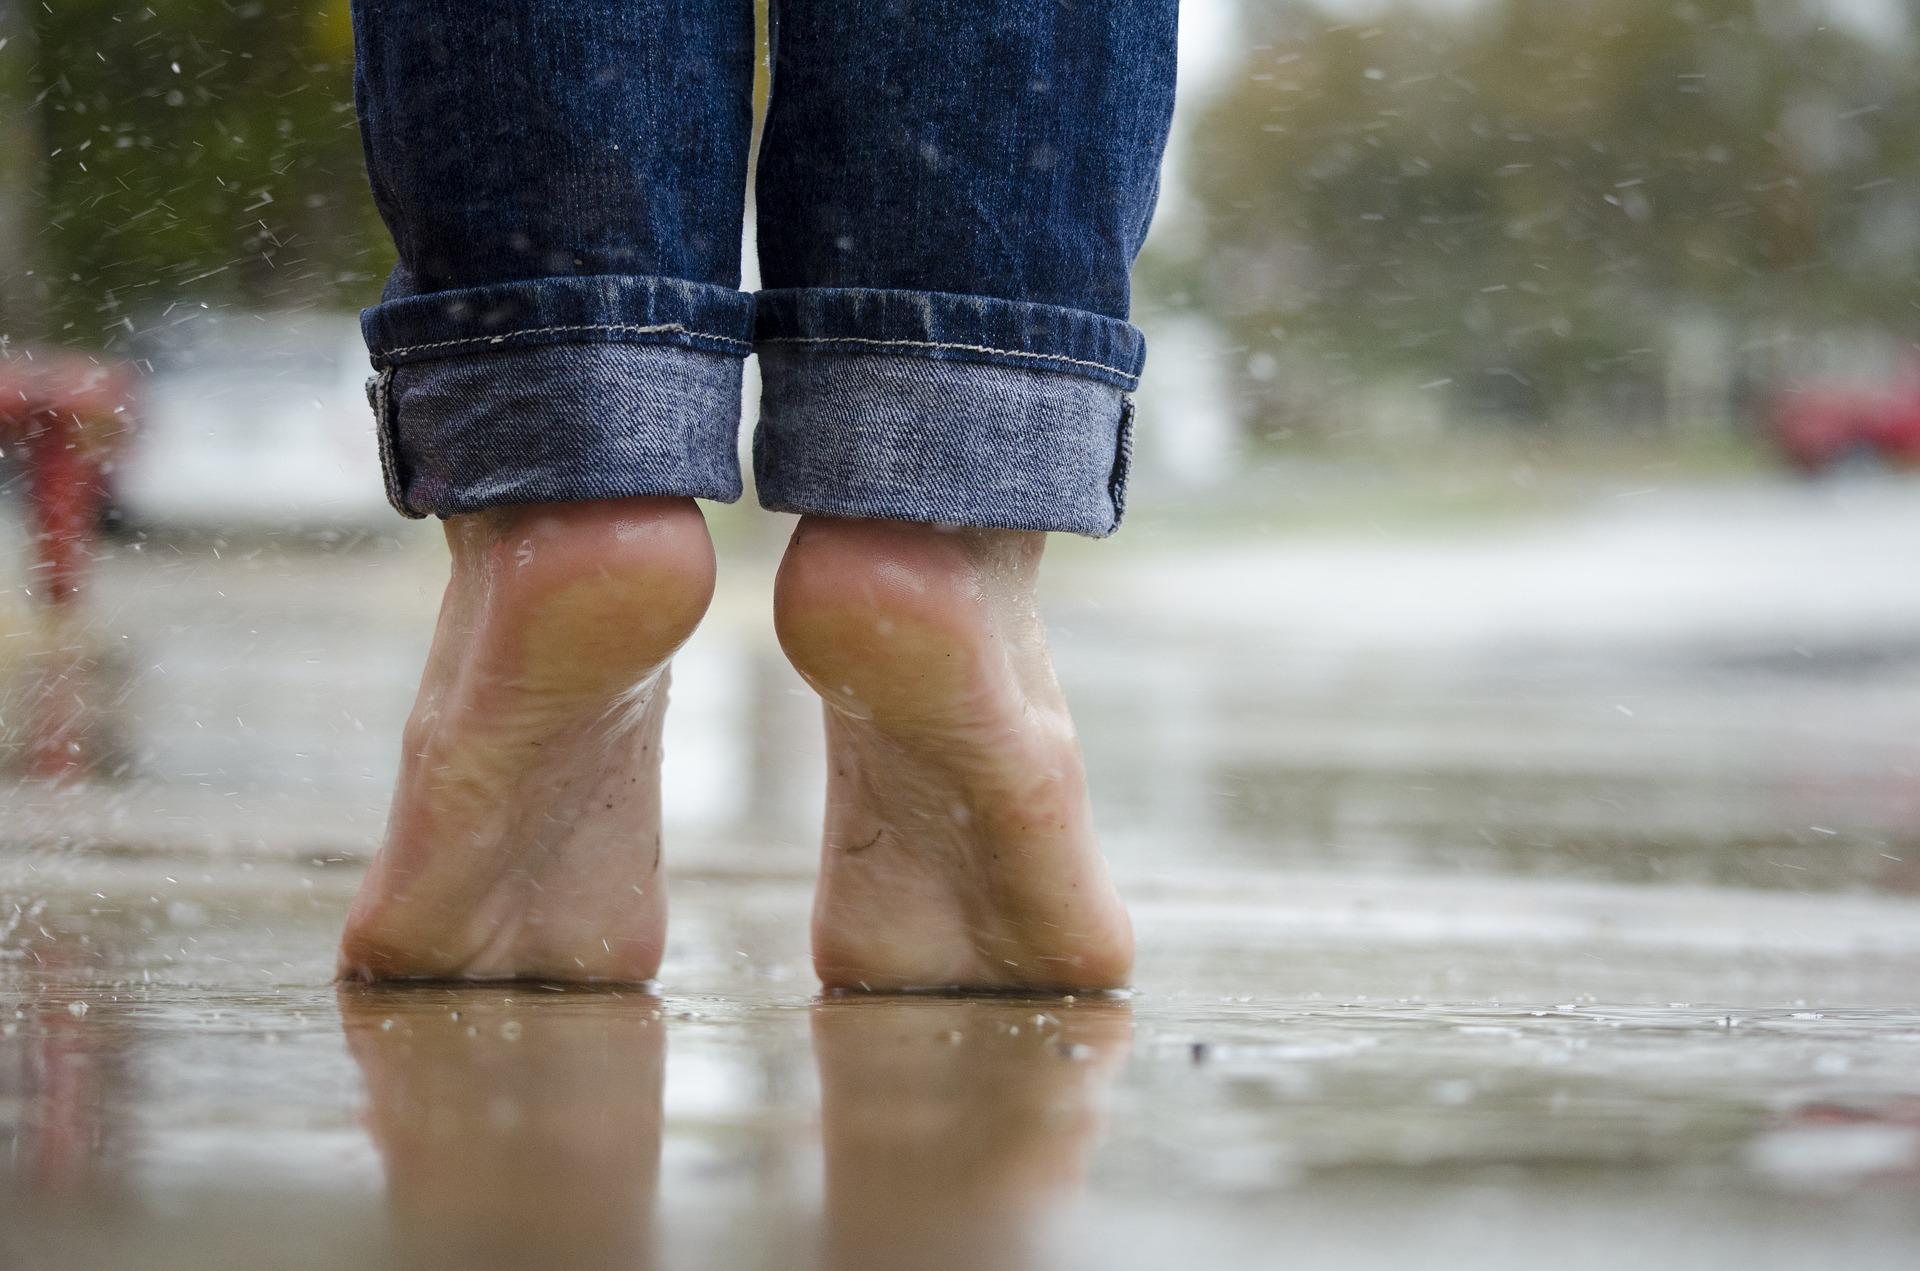 barefoot-1835661_1920.jpg